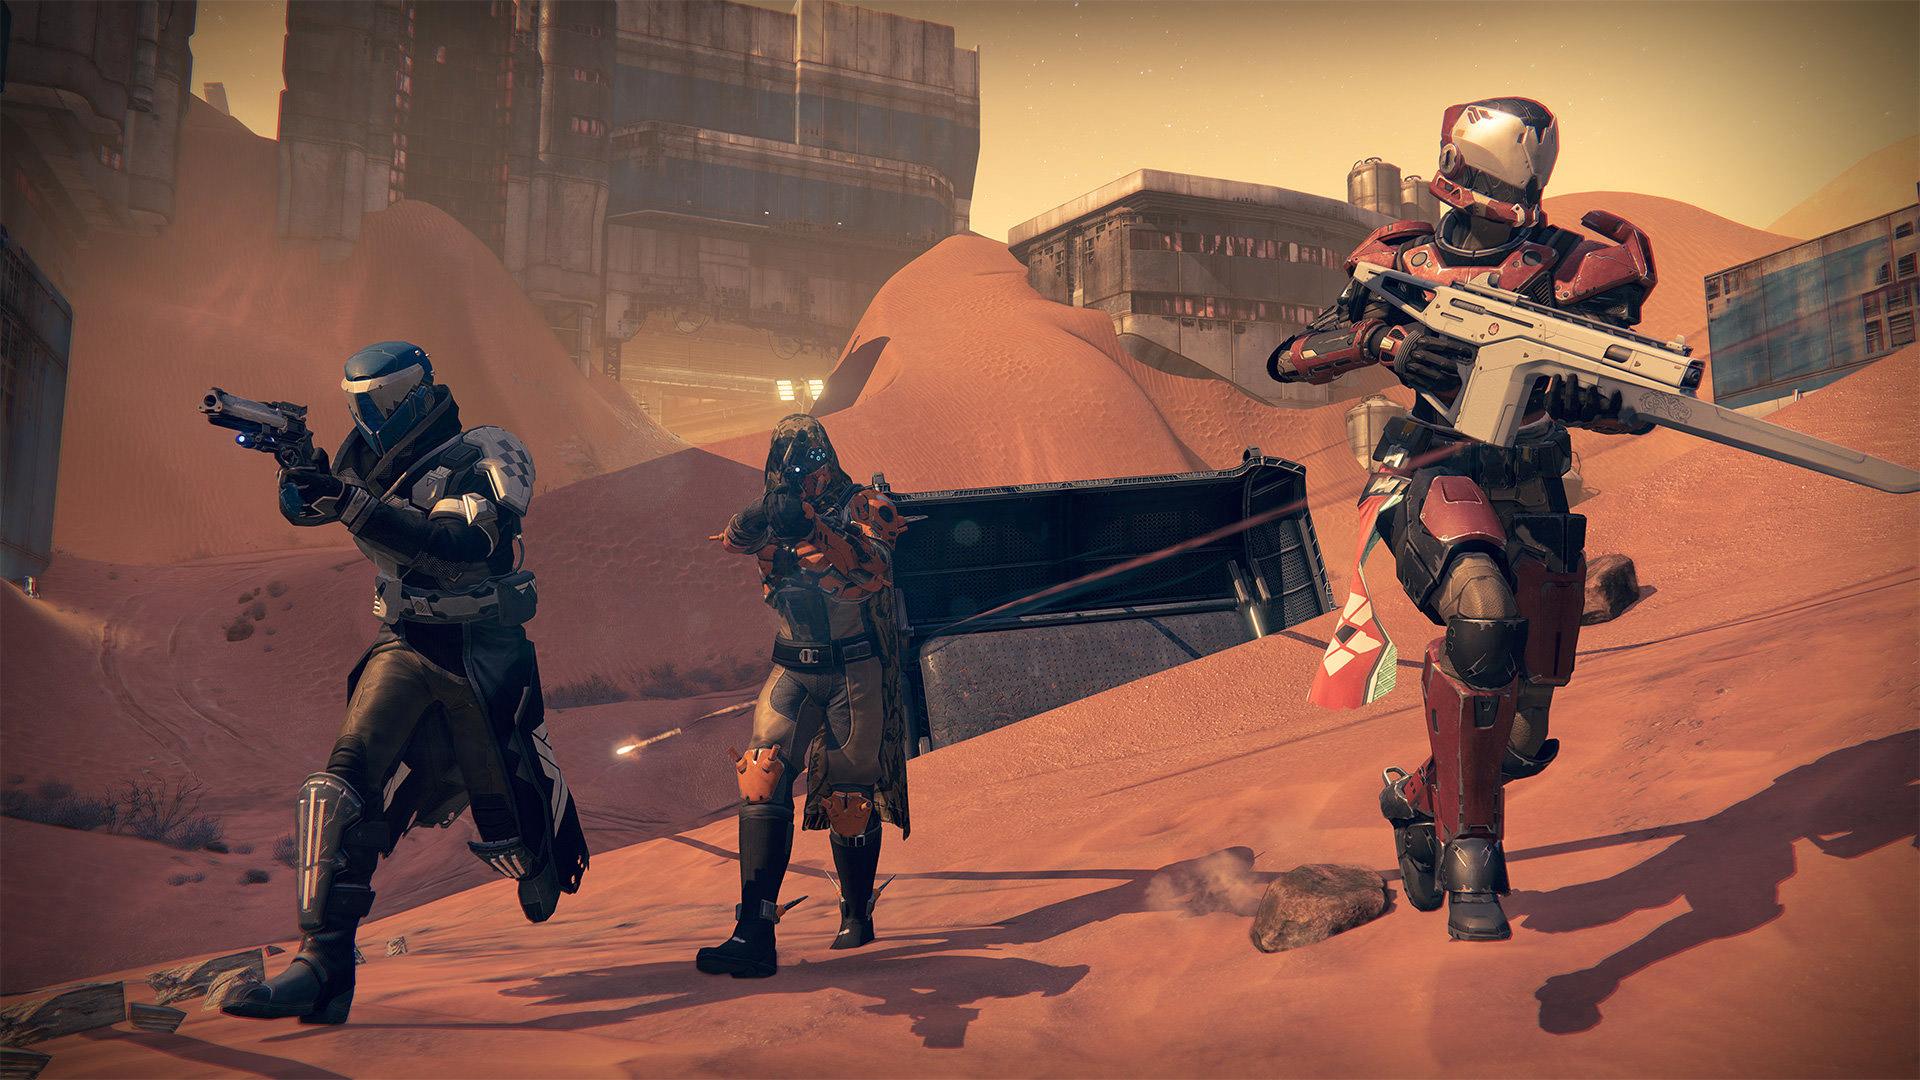 Report: Destiny 2 will come to PC